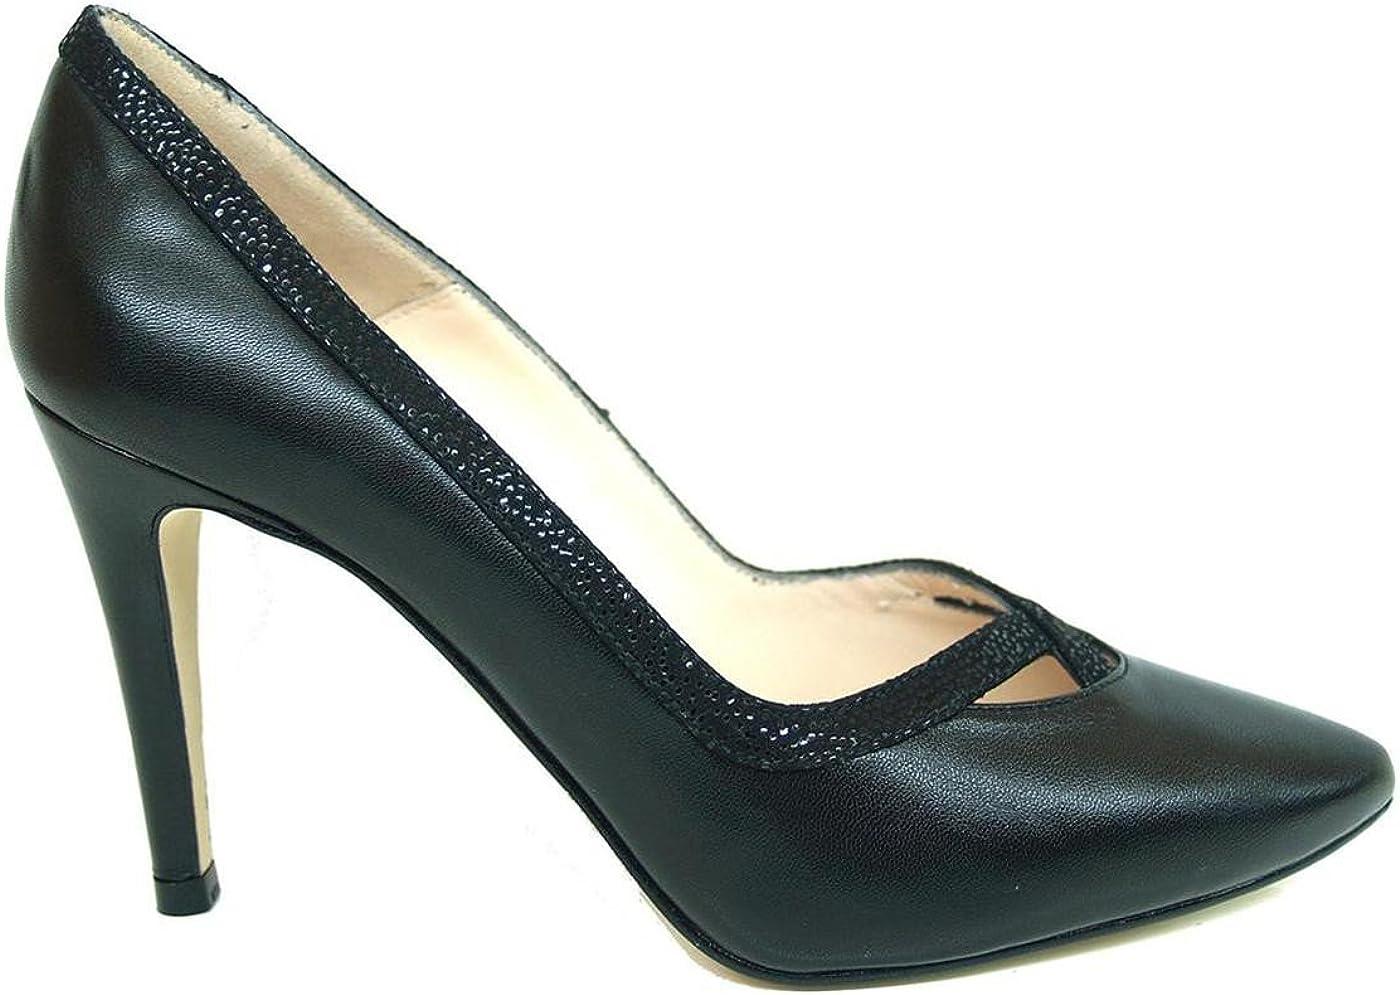 TALLA 40 EU. Gennia RICRUBLACK. - Zapatos de Piel para Mujer con Tacon Alto de Aguja 9 cm y Punta Fina Cerrada